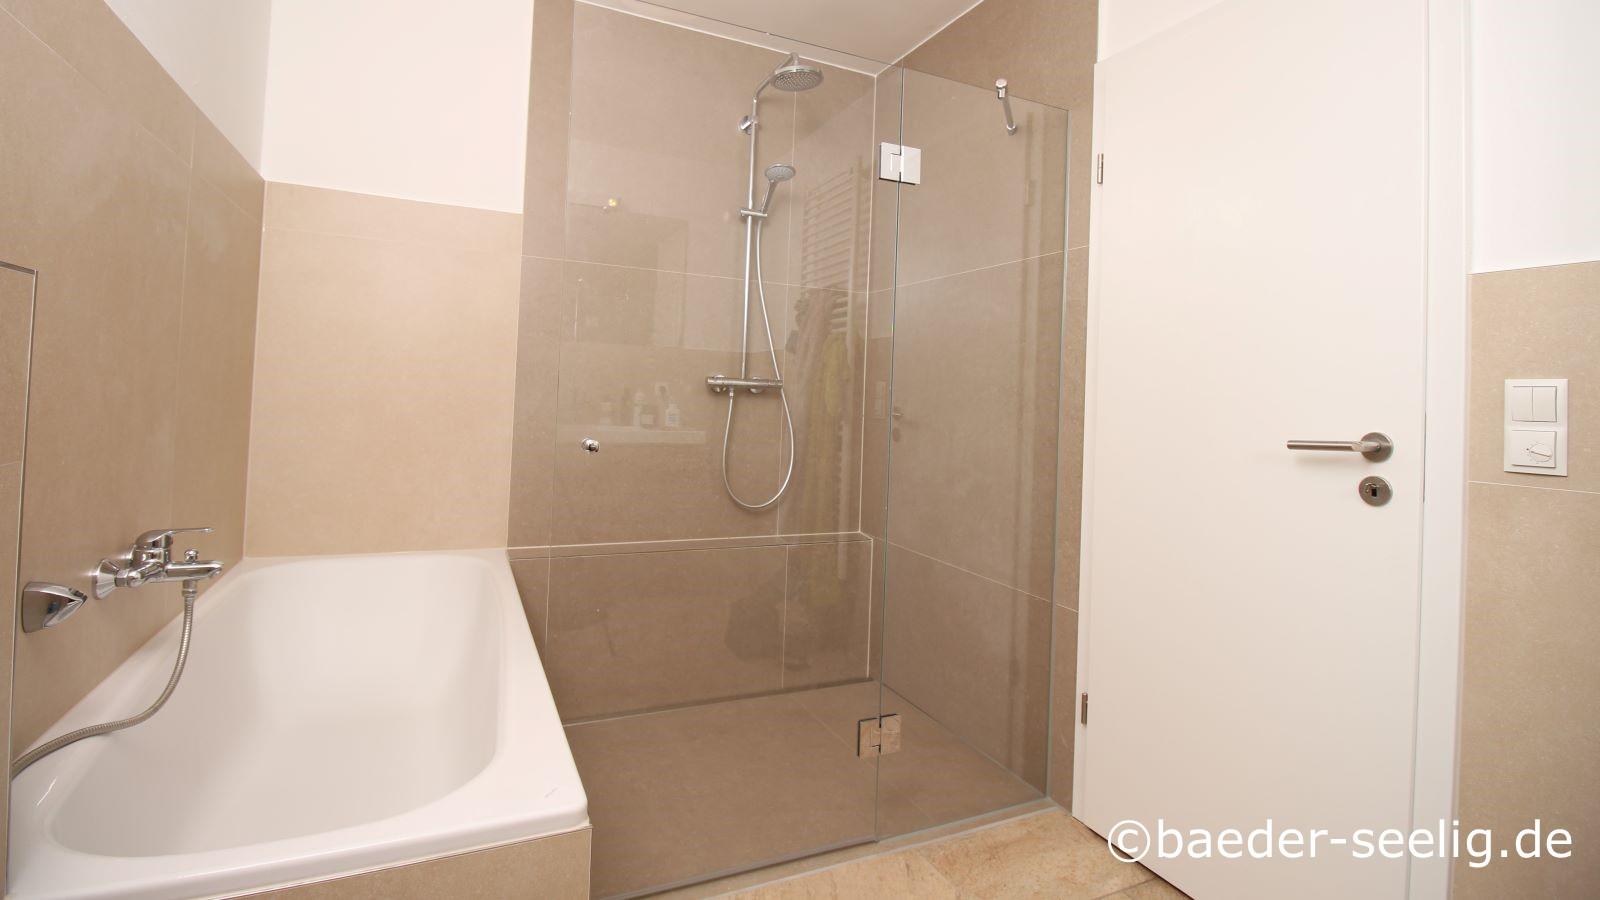 Abgebildet ist dasselbe bad nach barrierefreiem badumbau mit badewanne und ebenerdiger dusche mit glasduschabtrennung und glasduschtuer. Hier ist die duschtuer geschlossen.